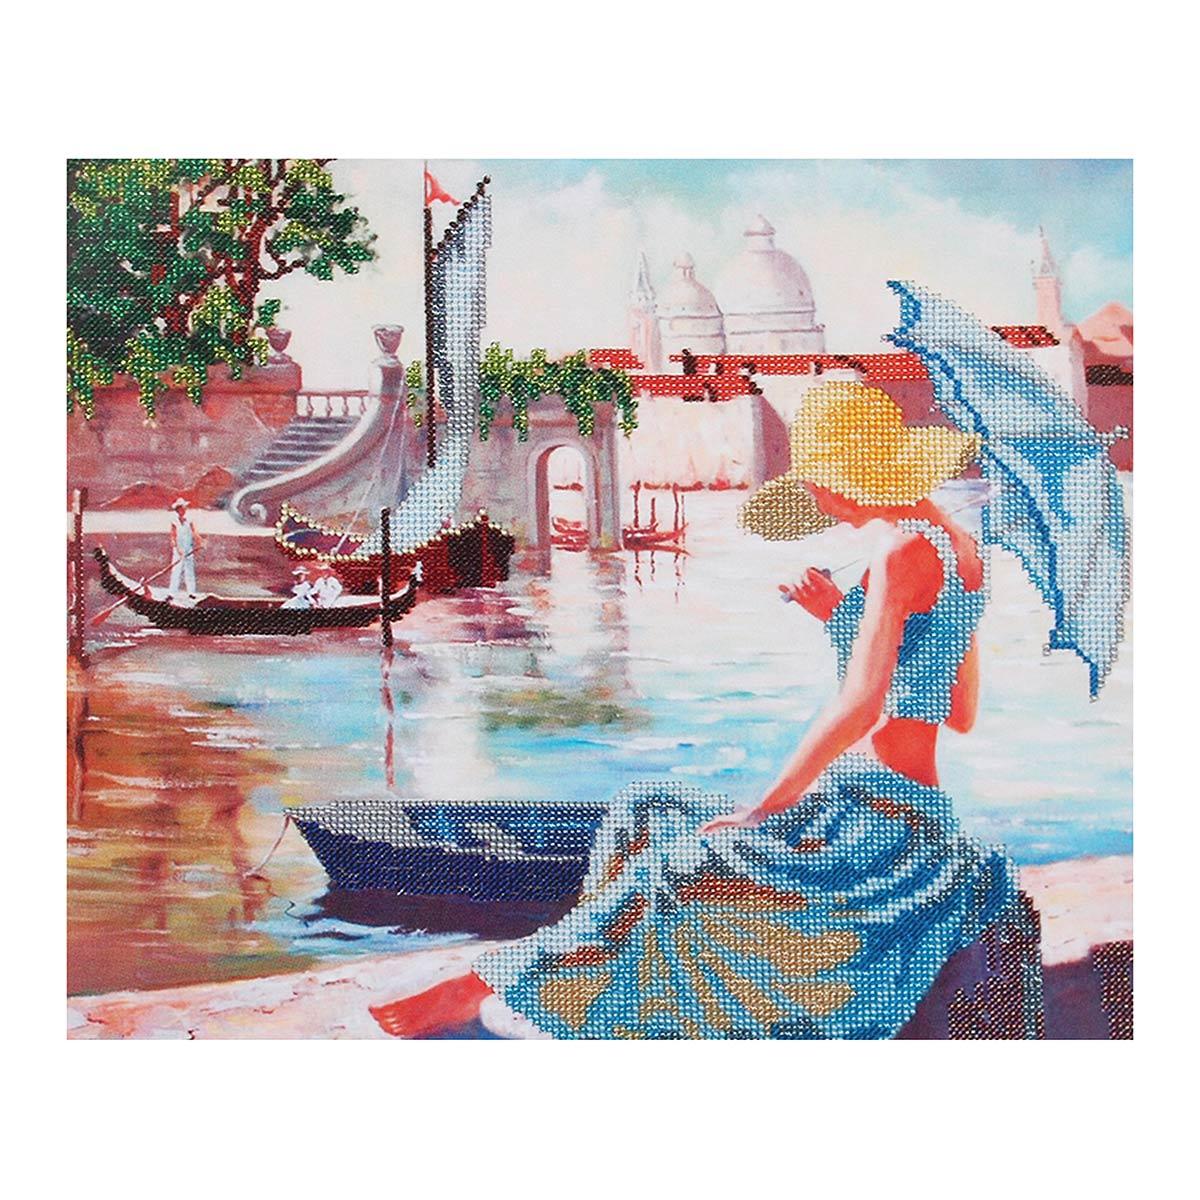 БН-3178 Набор для вышивания бисером Hobby&Pro 'Венецианский полдень', 36*30 см